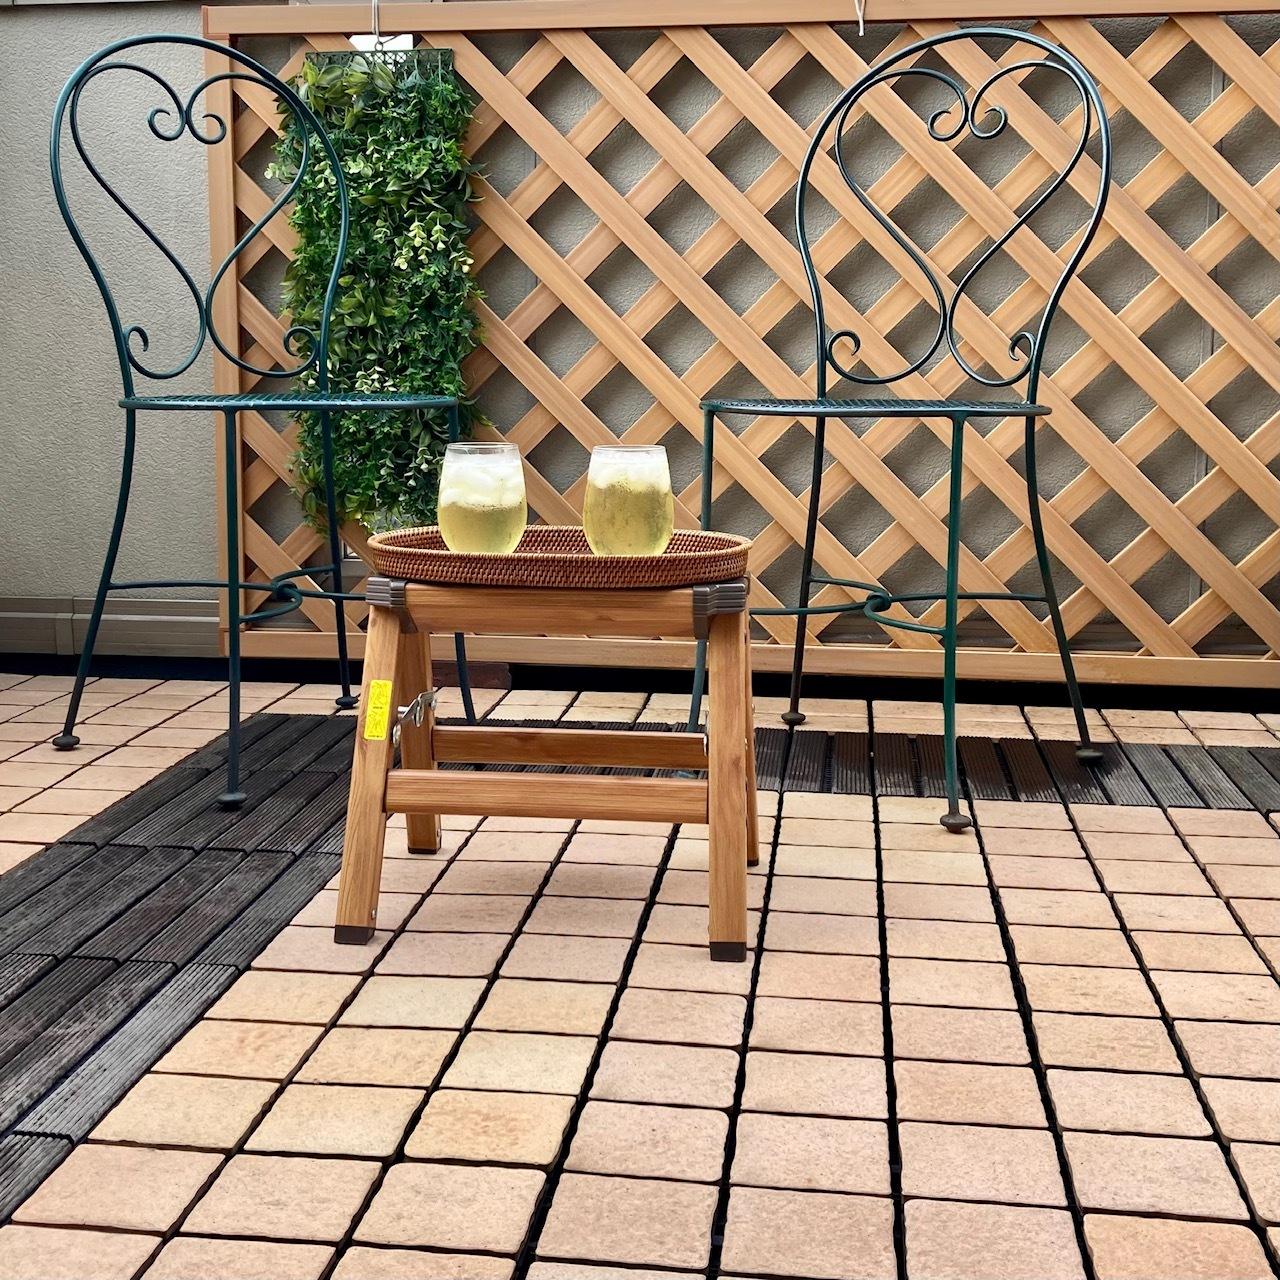 バルコニーの椅子とテーブル